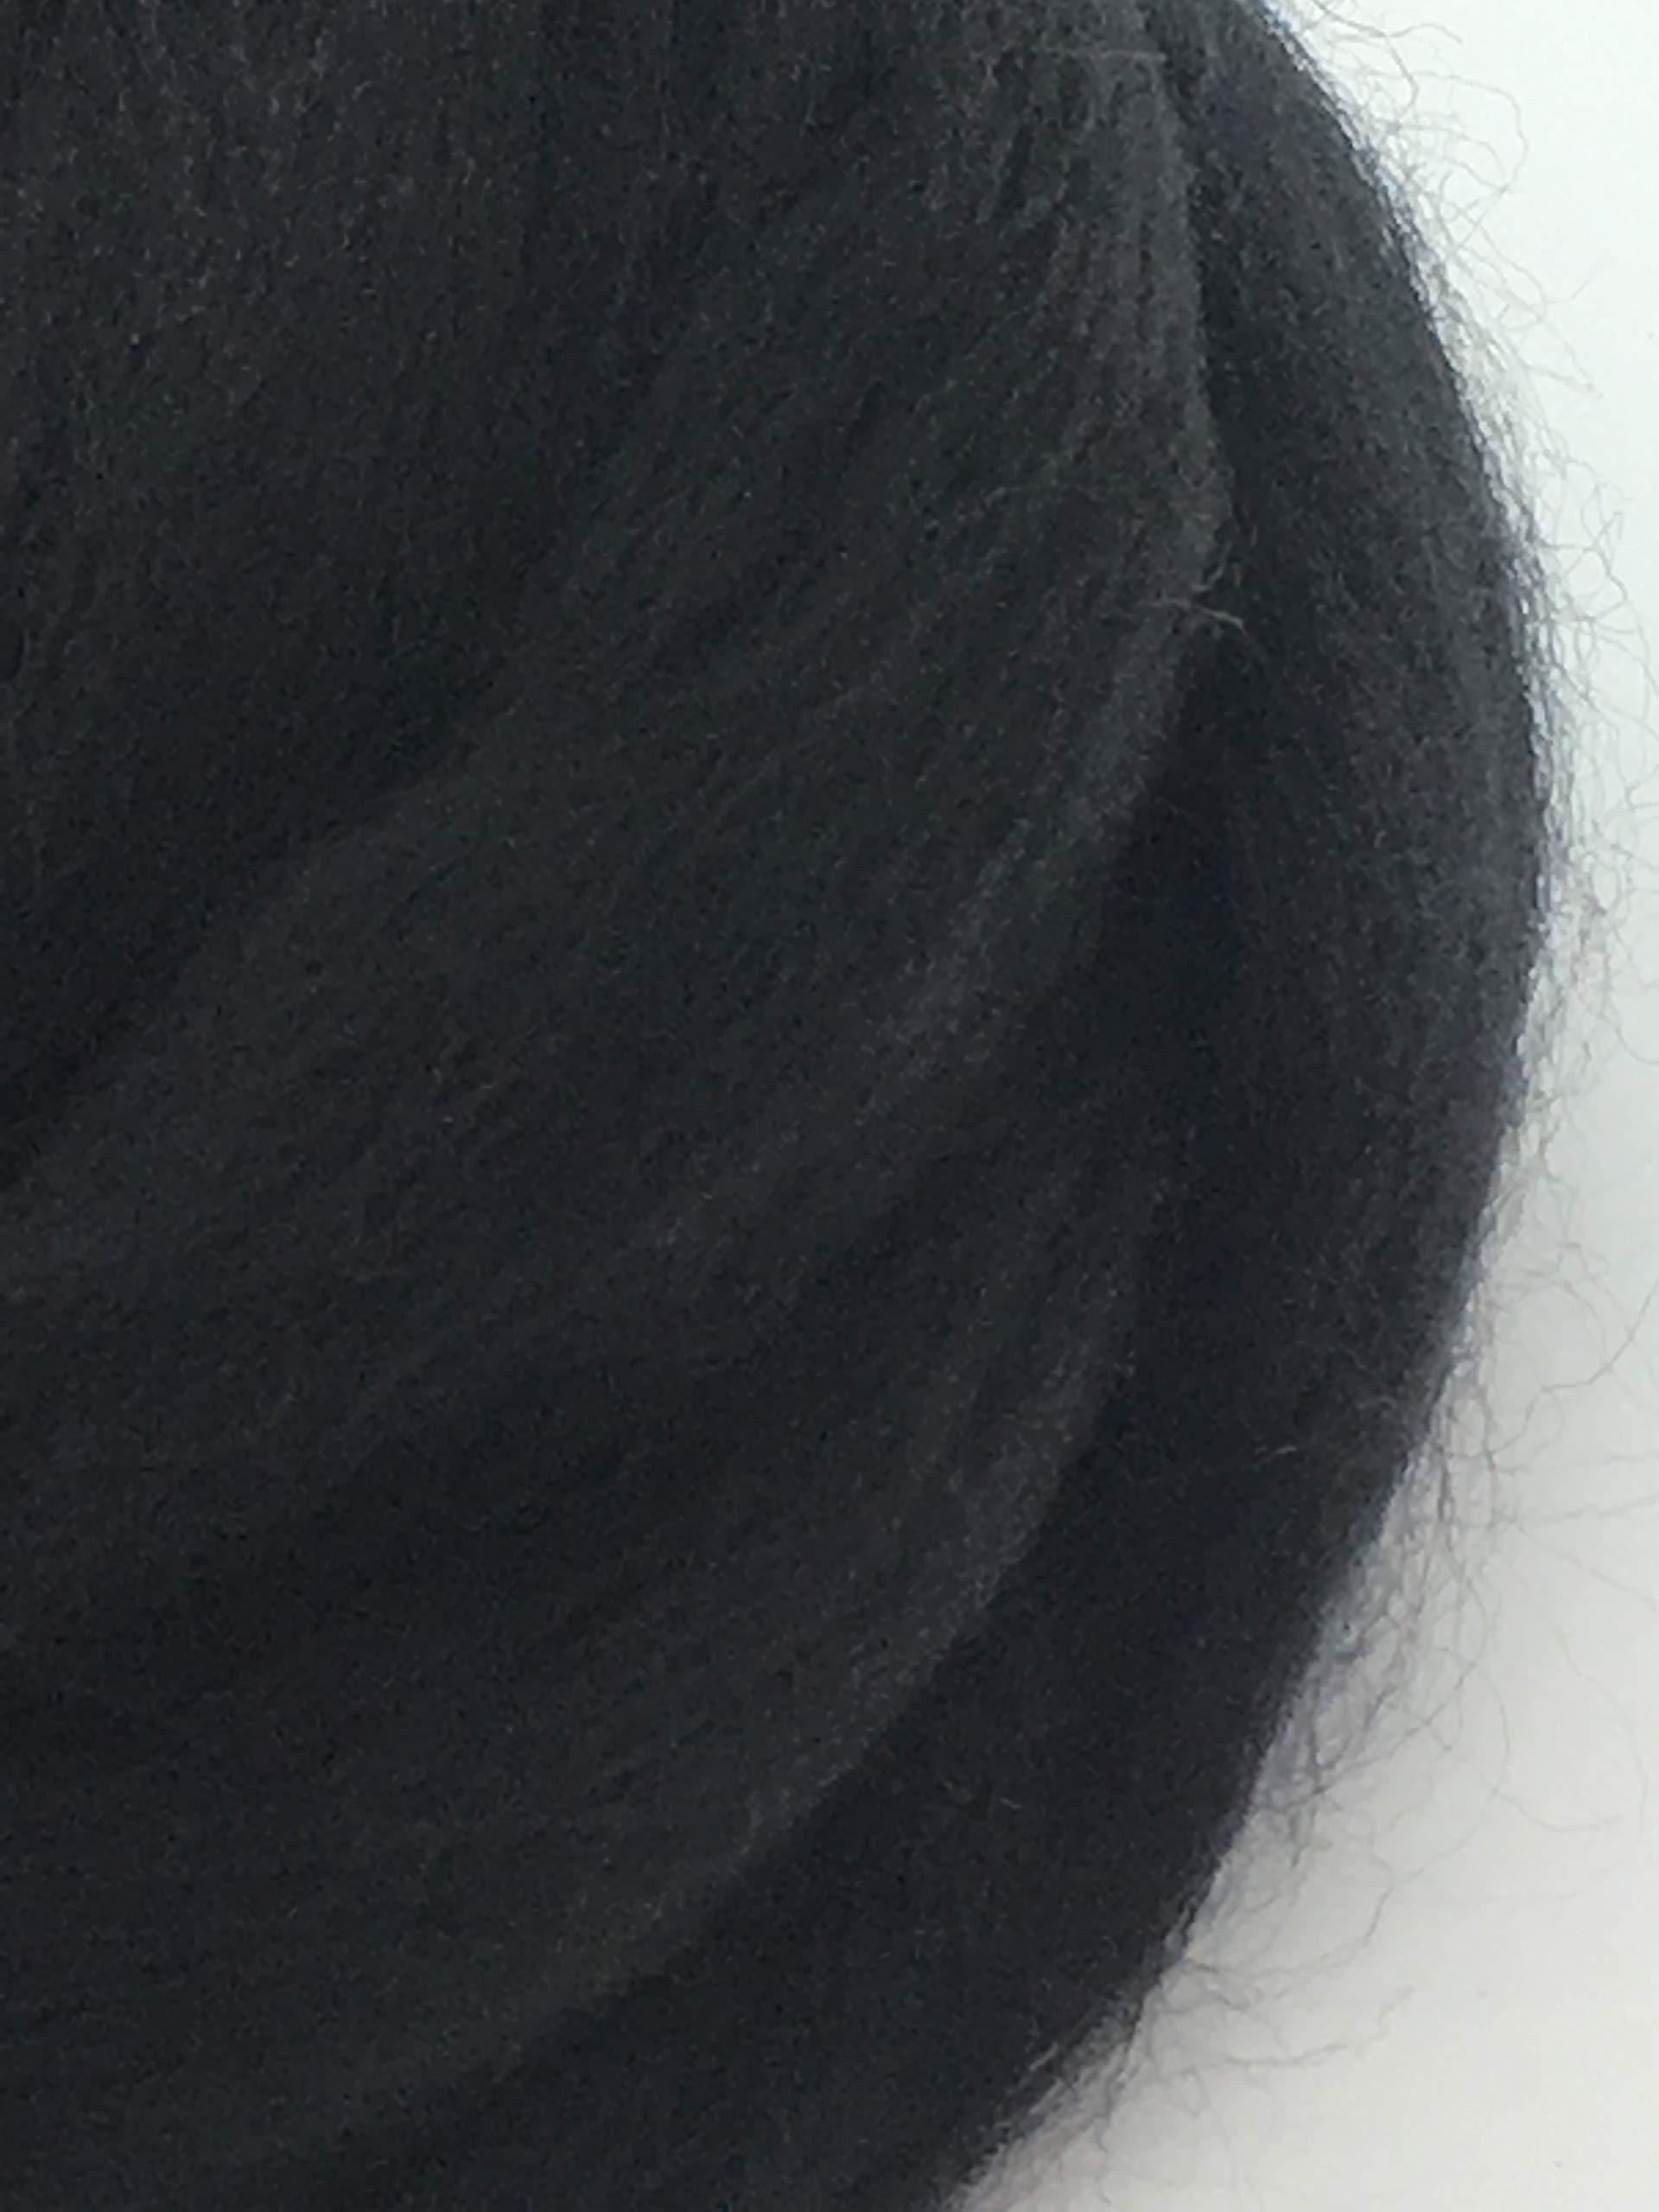 Black Noir Wool Top Roving Fiber Spinning, Felting Crafts USA (2lb)